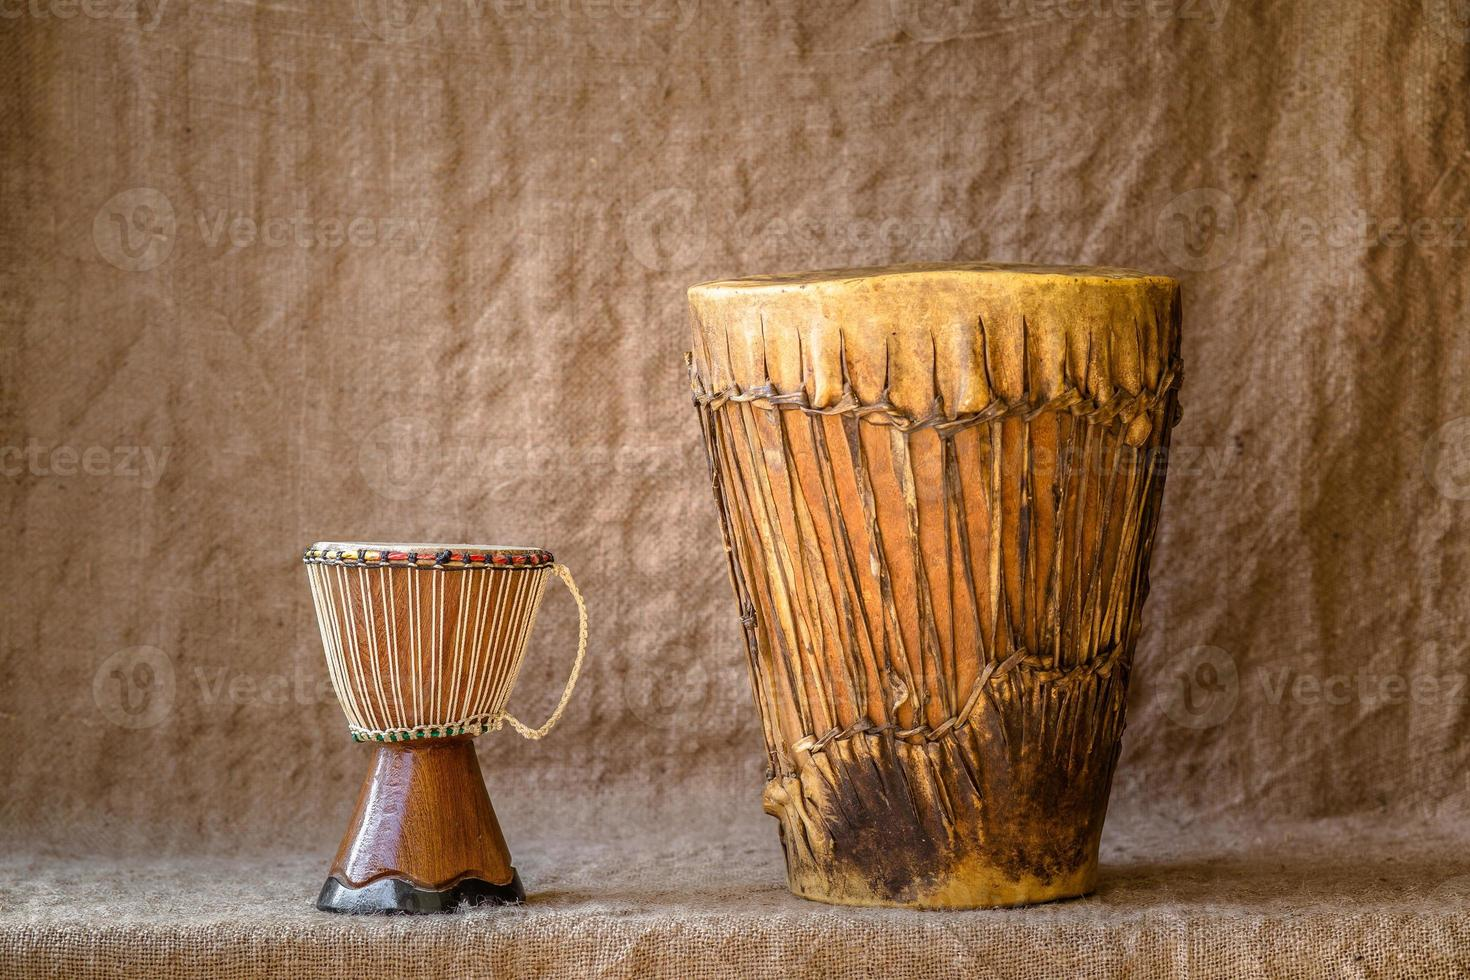 trä slagverk instrument foto